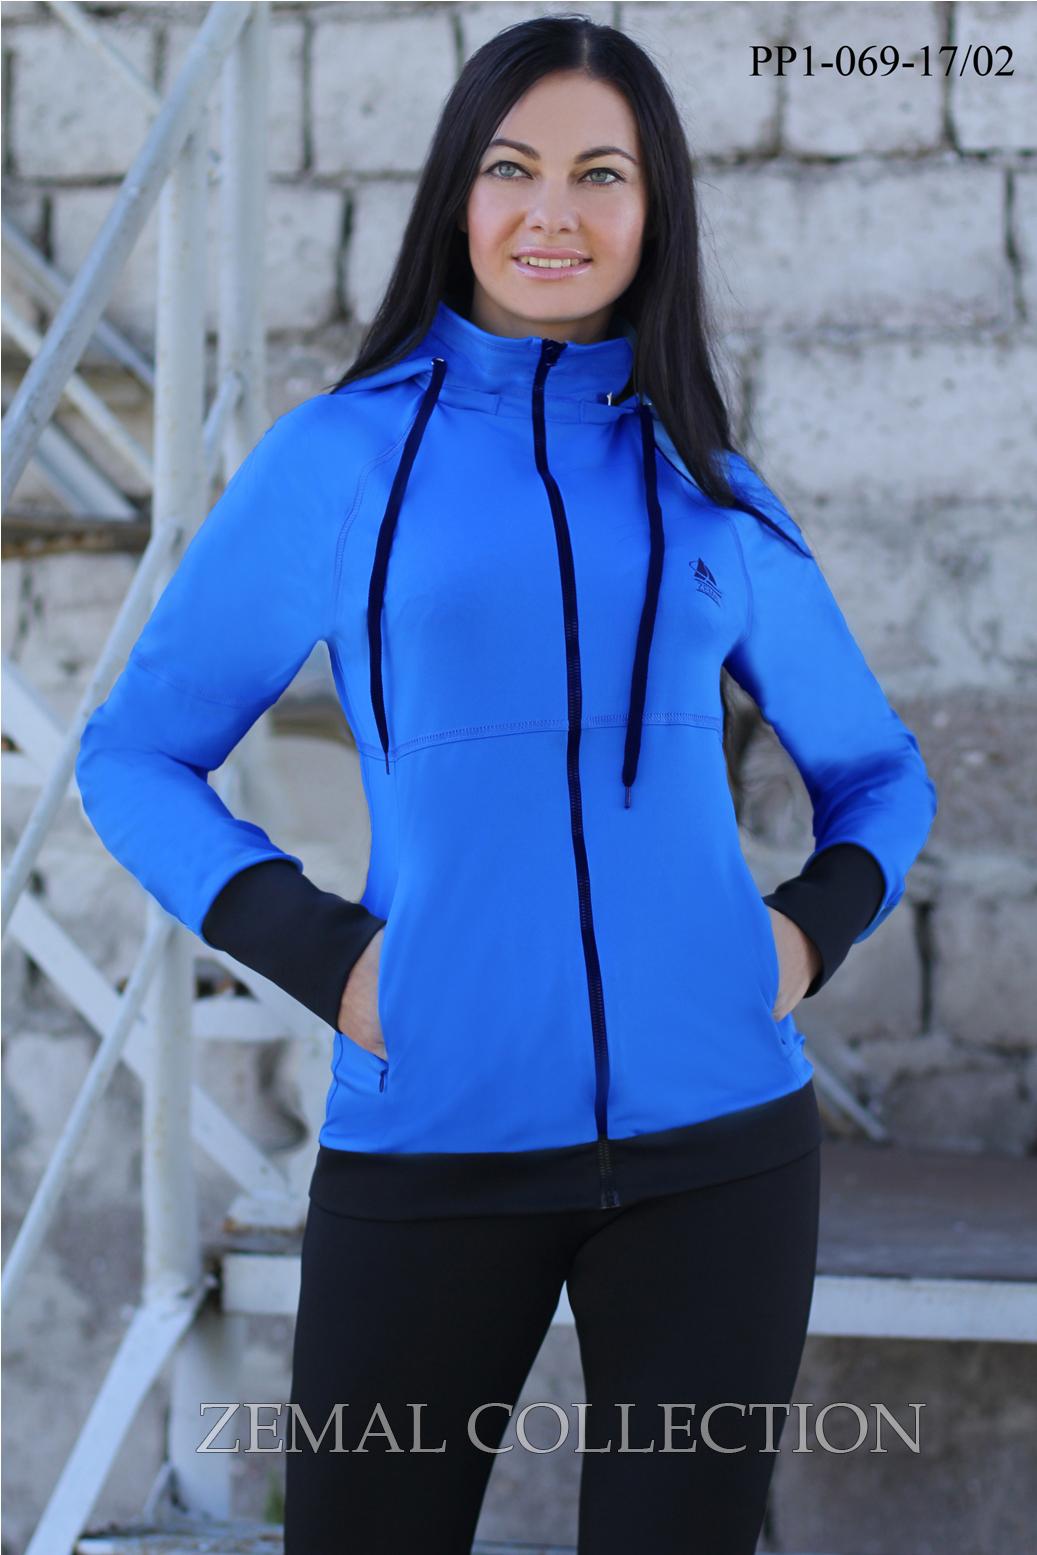 c856305e Купить женские спортивные костюмы оптом от производителя